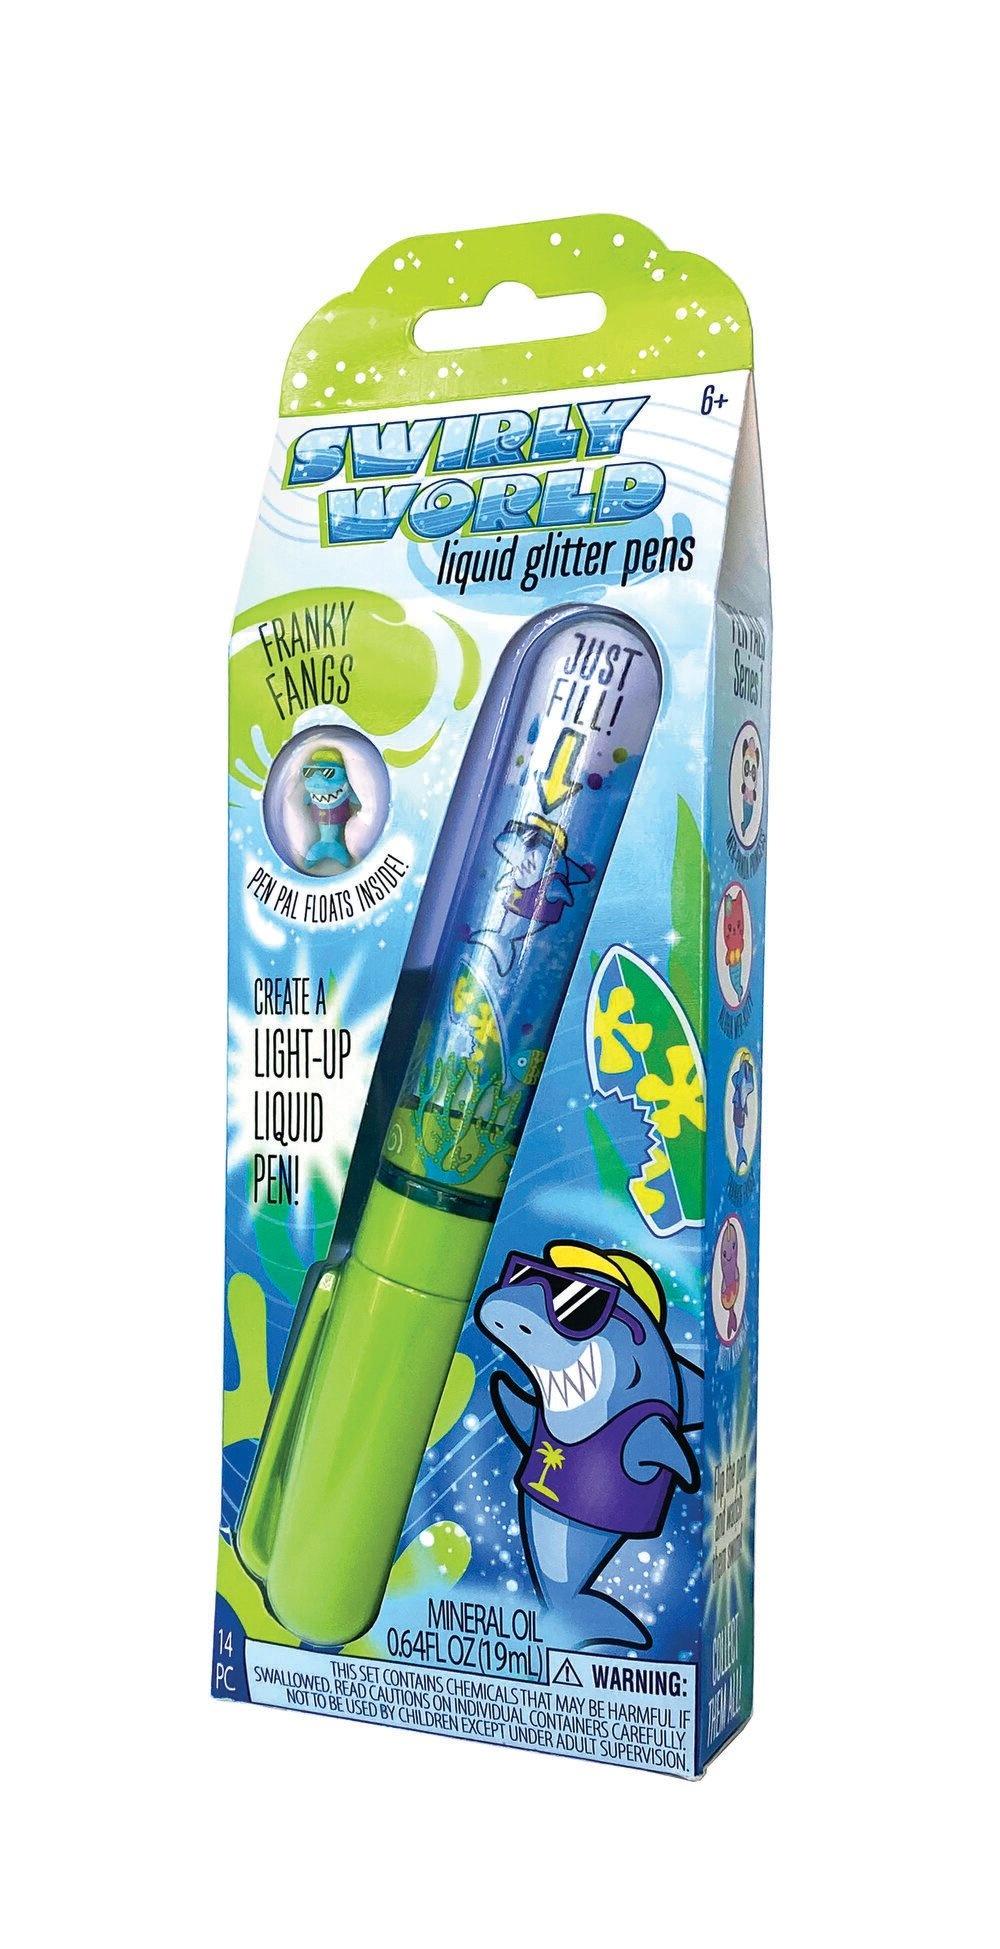 Swirly World Liquid Wand Pens-1